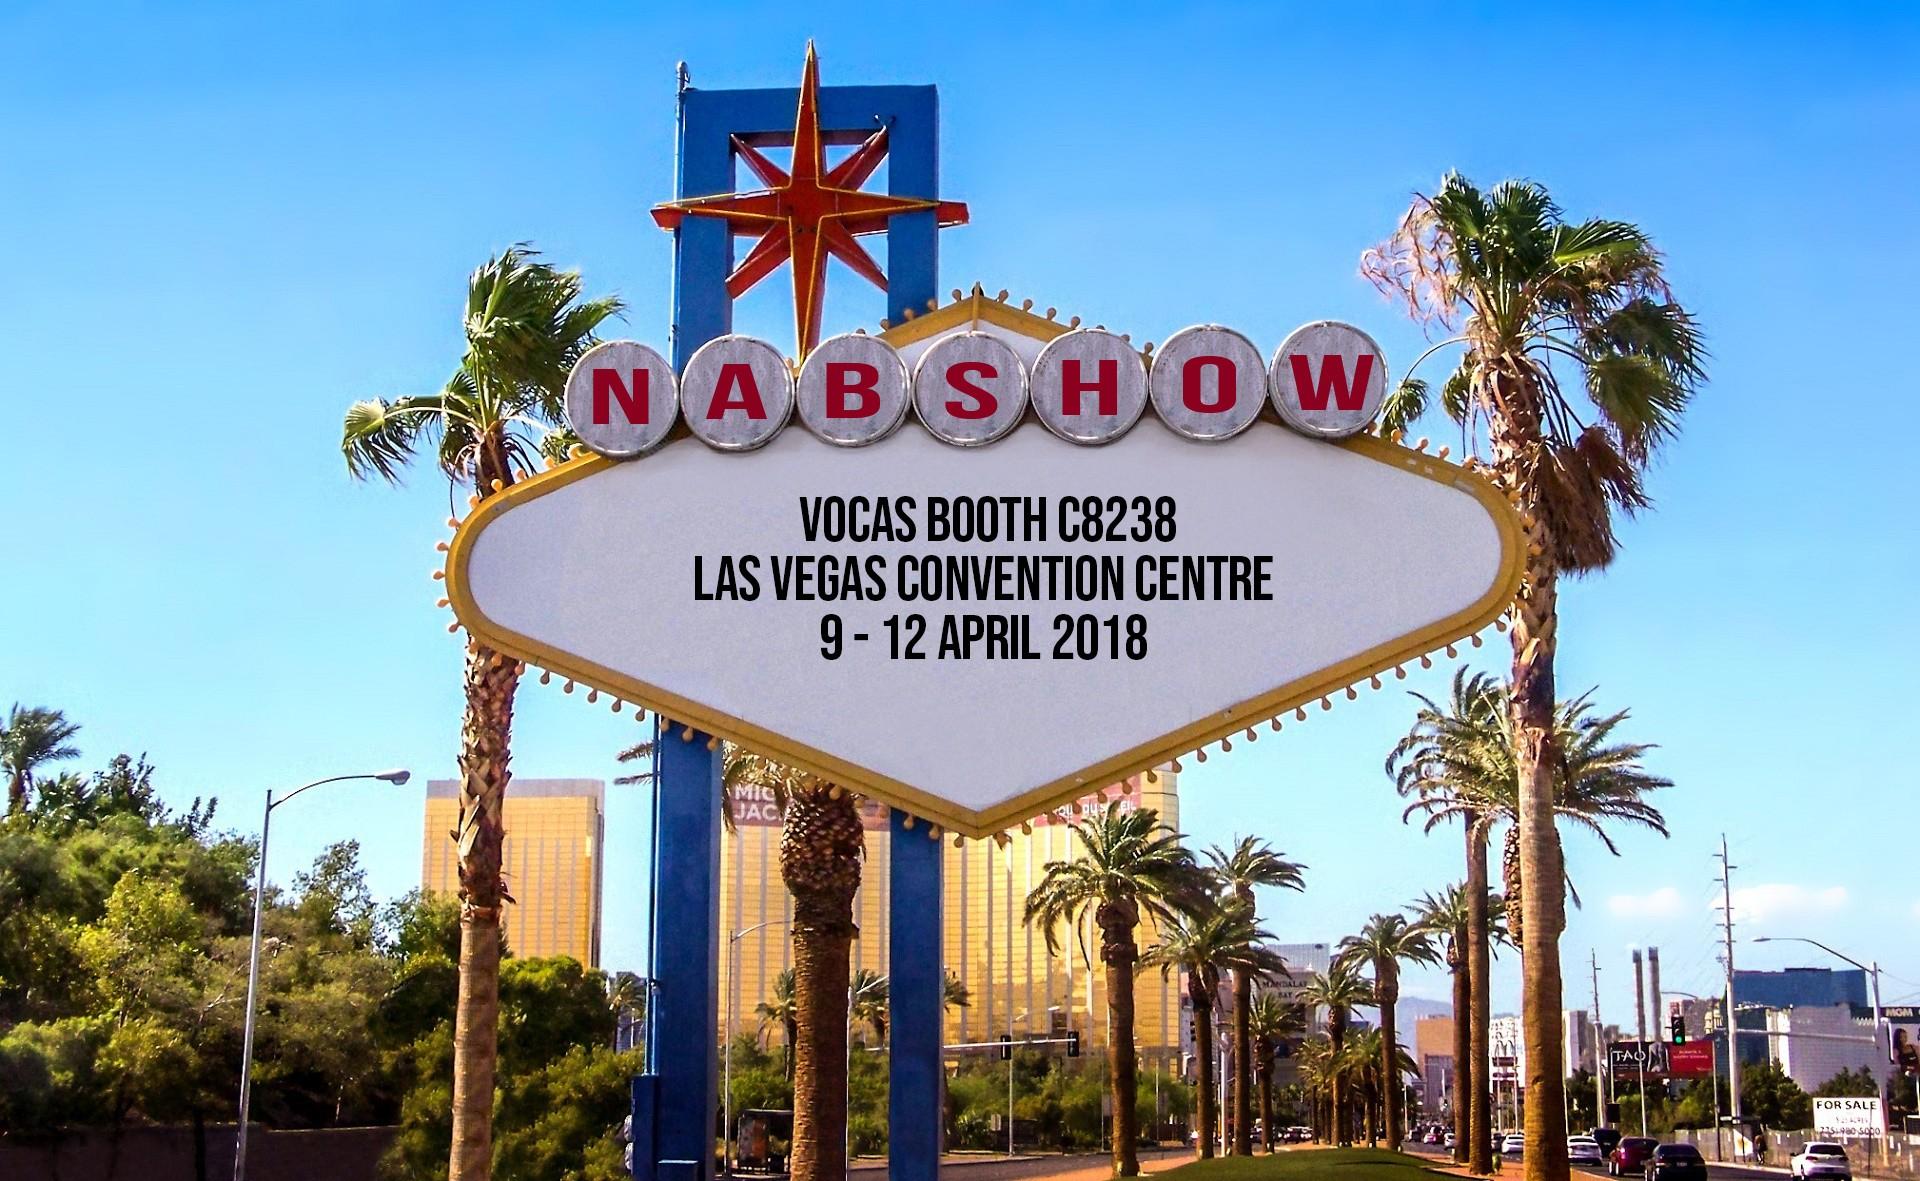 Vocas at NAB 2018 in Las Vegas